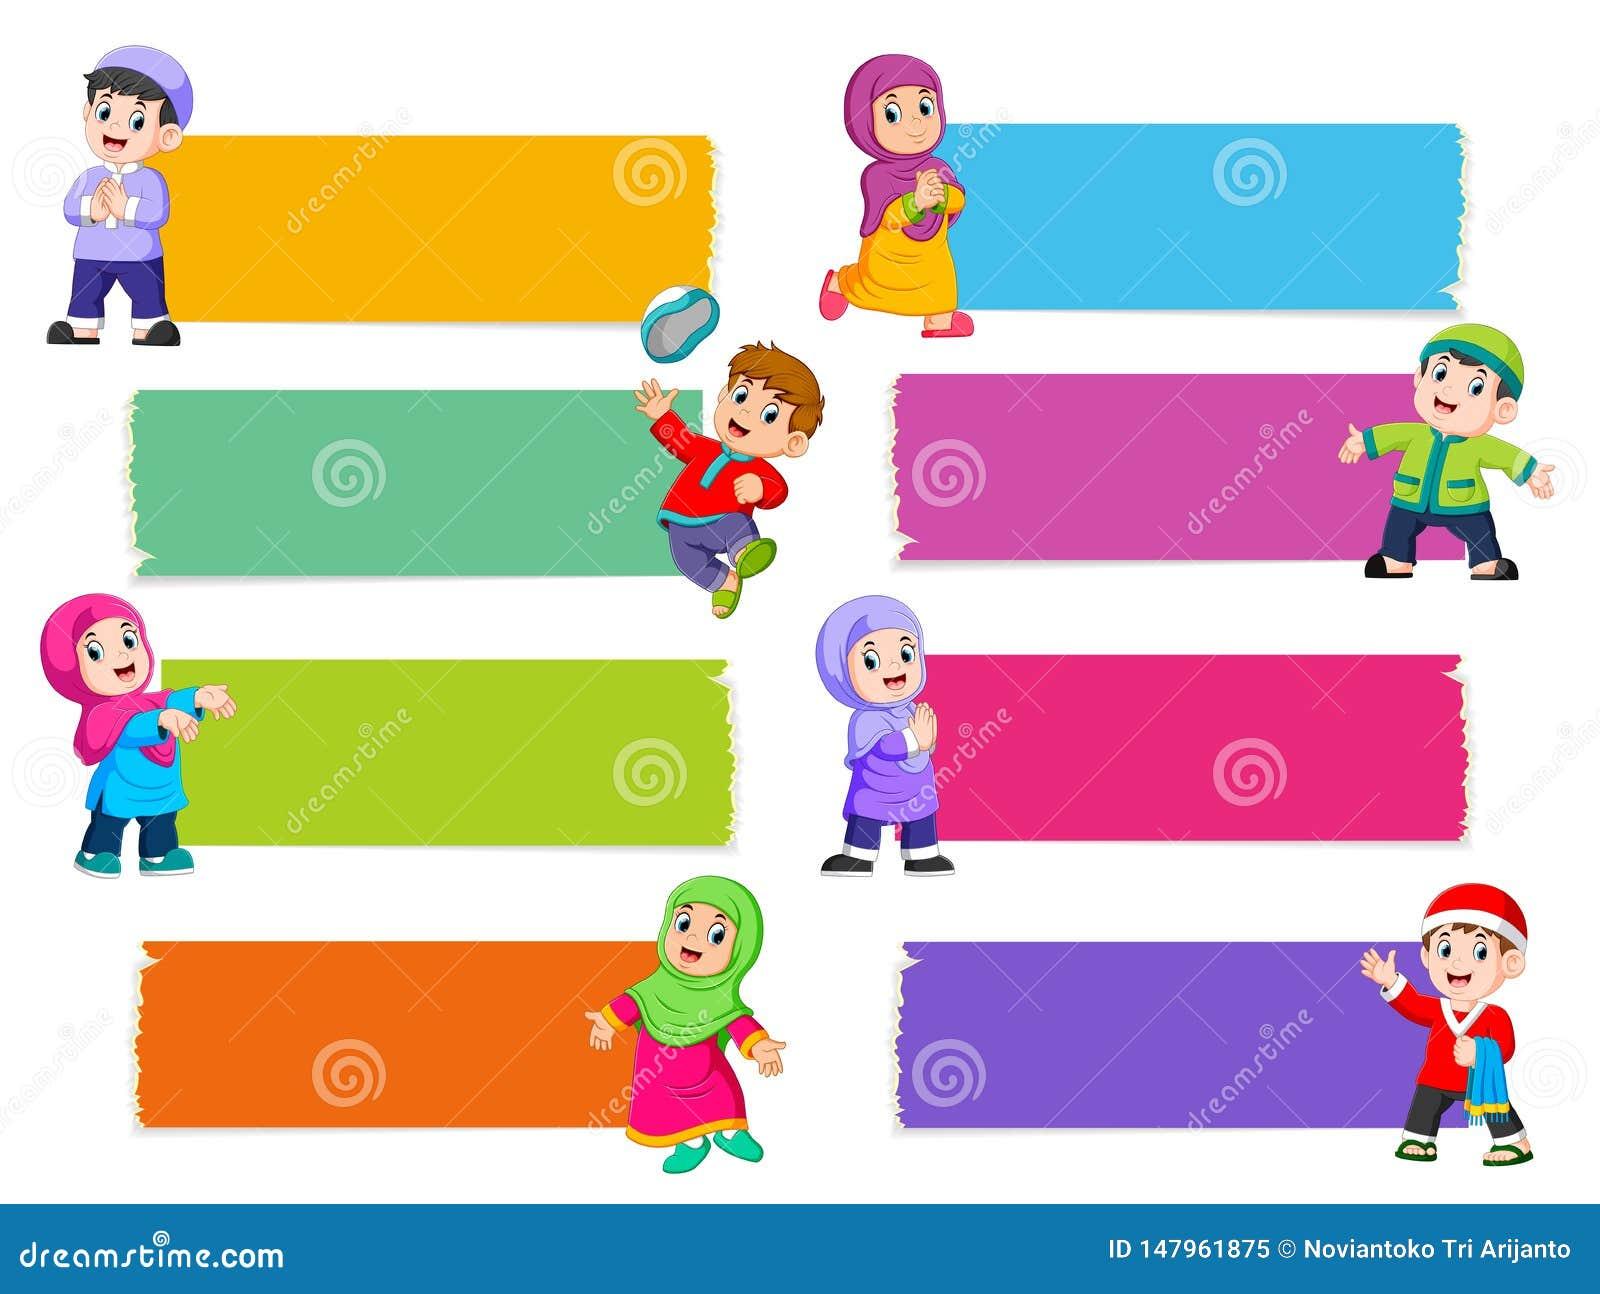 La raccolta del bordo in bianco con il colore differente con i bambini islamici